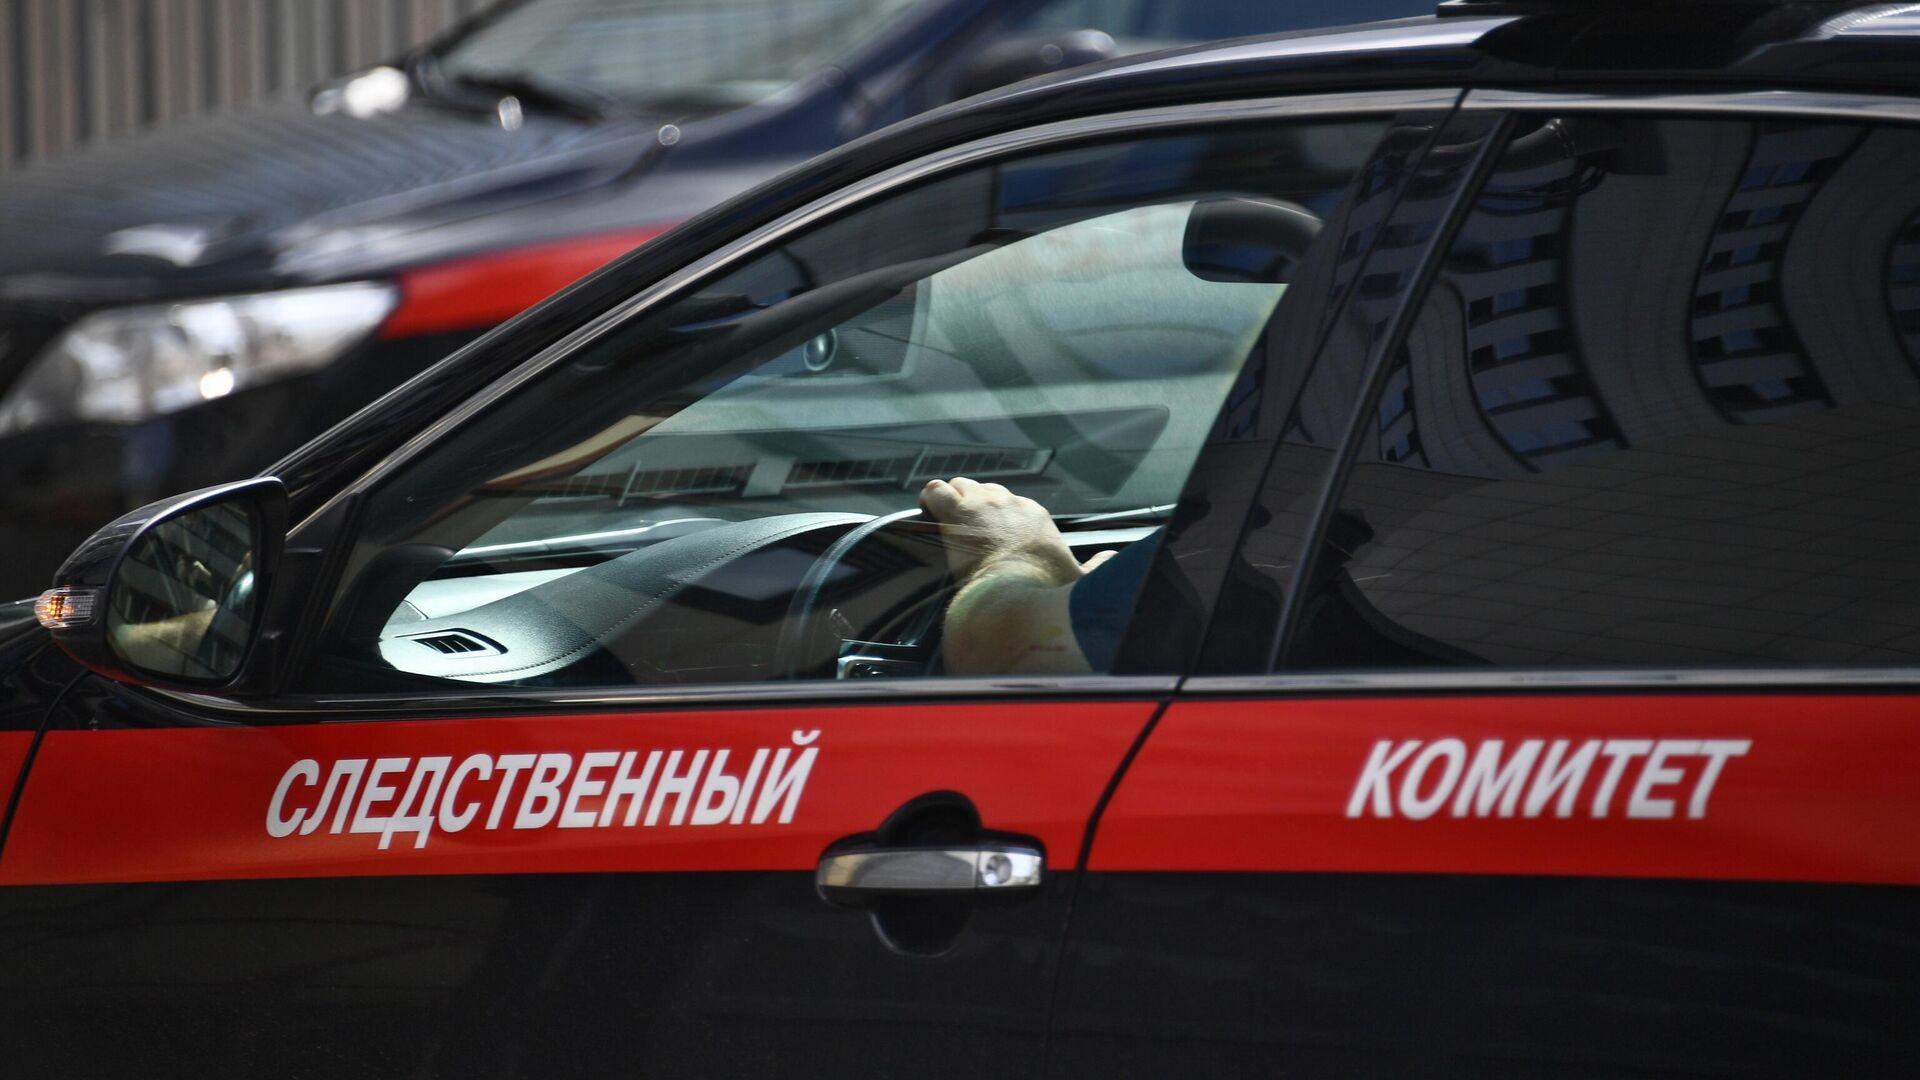 Автомобиль Следственного комитета РФ - РИА Новости, 1920, 07.09.2021